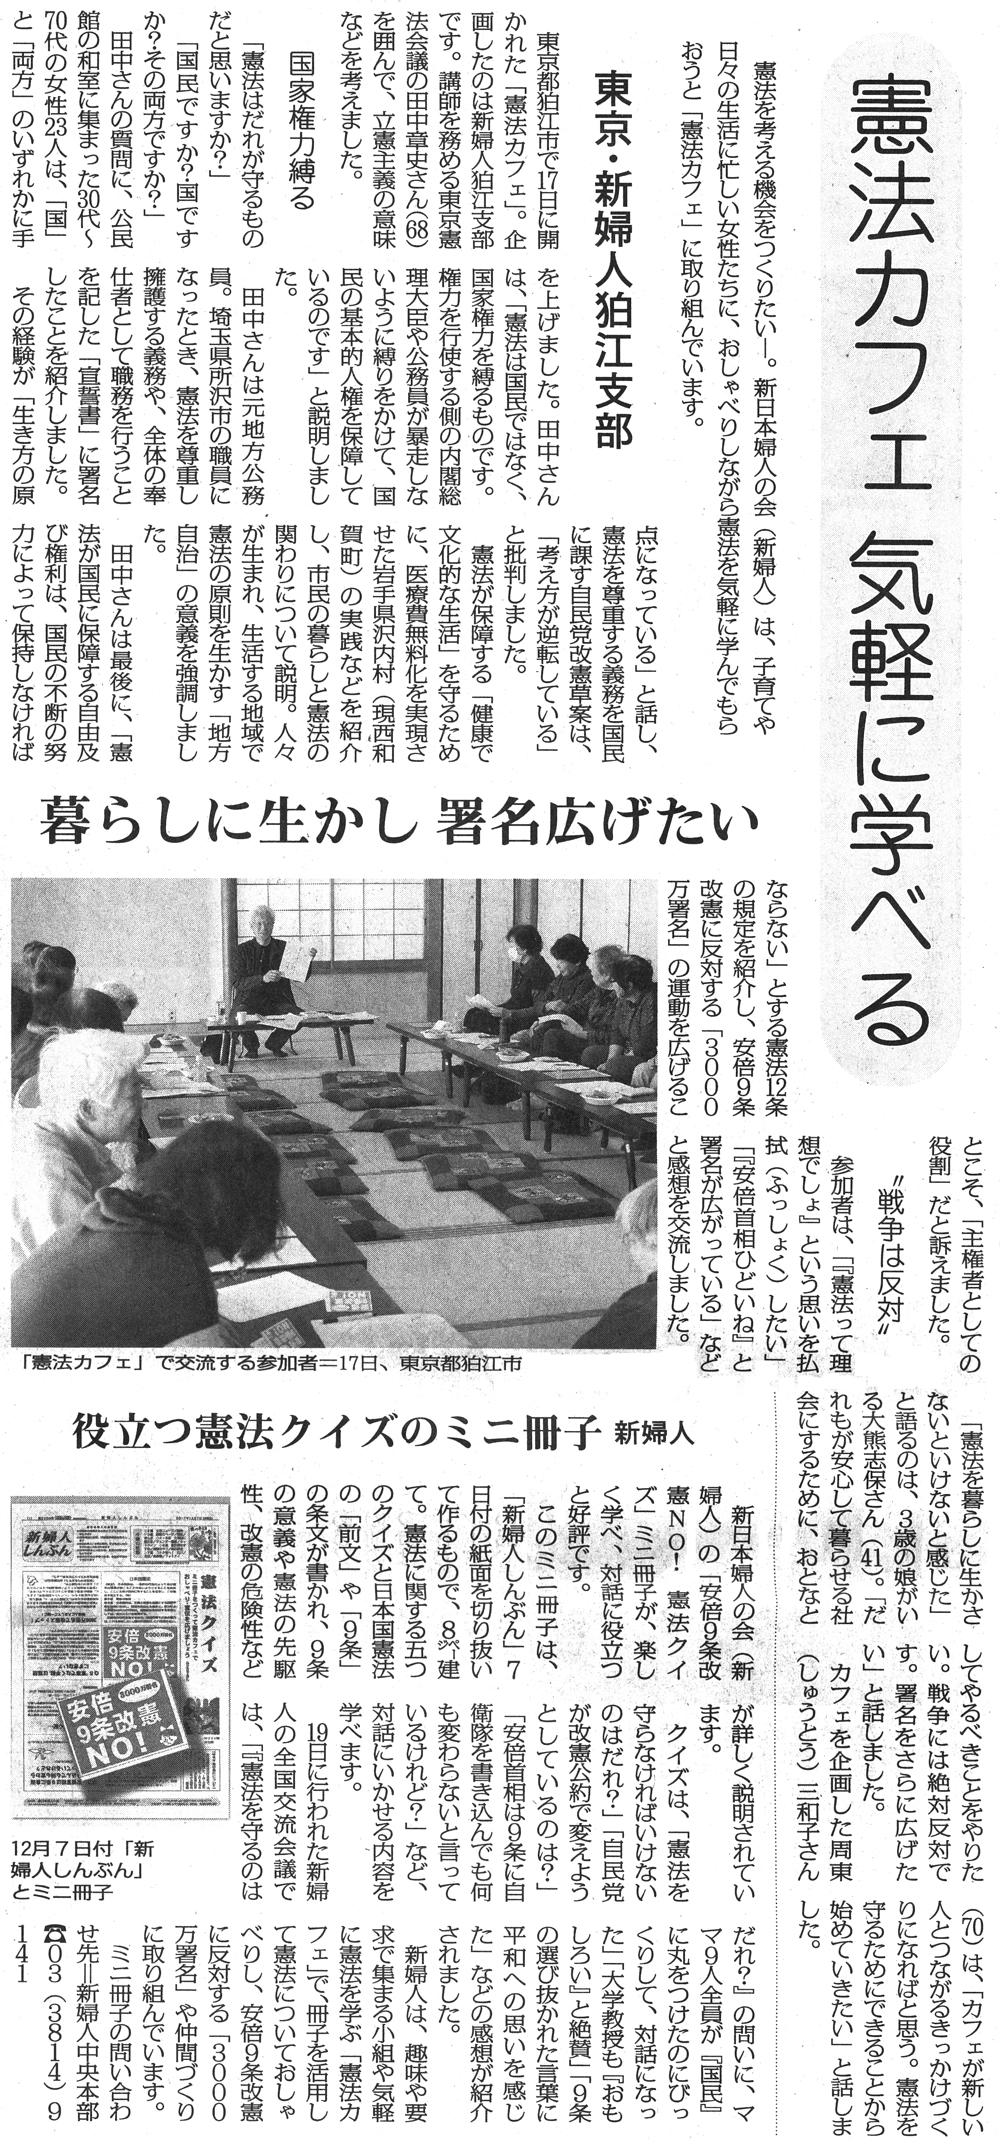 新婦人狛江支部で開かれた「憲法9条カフェ」